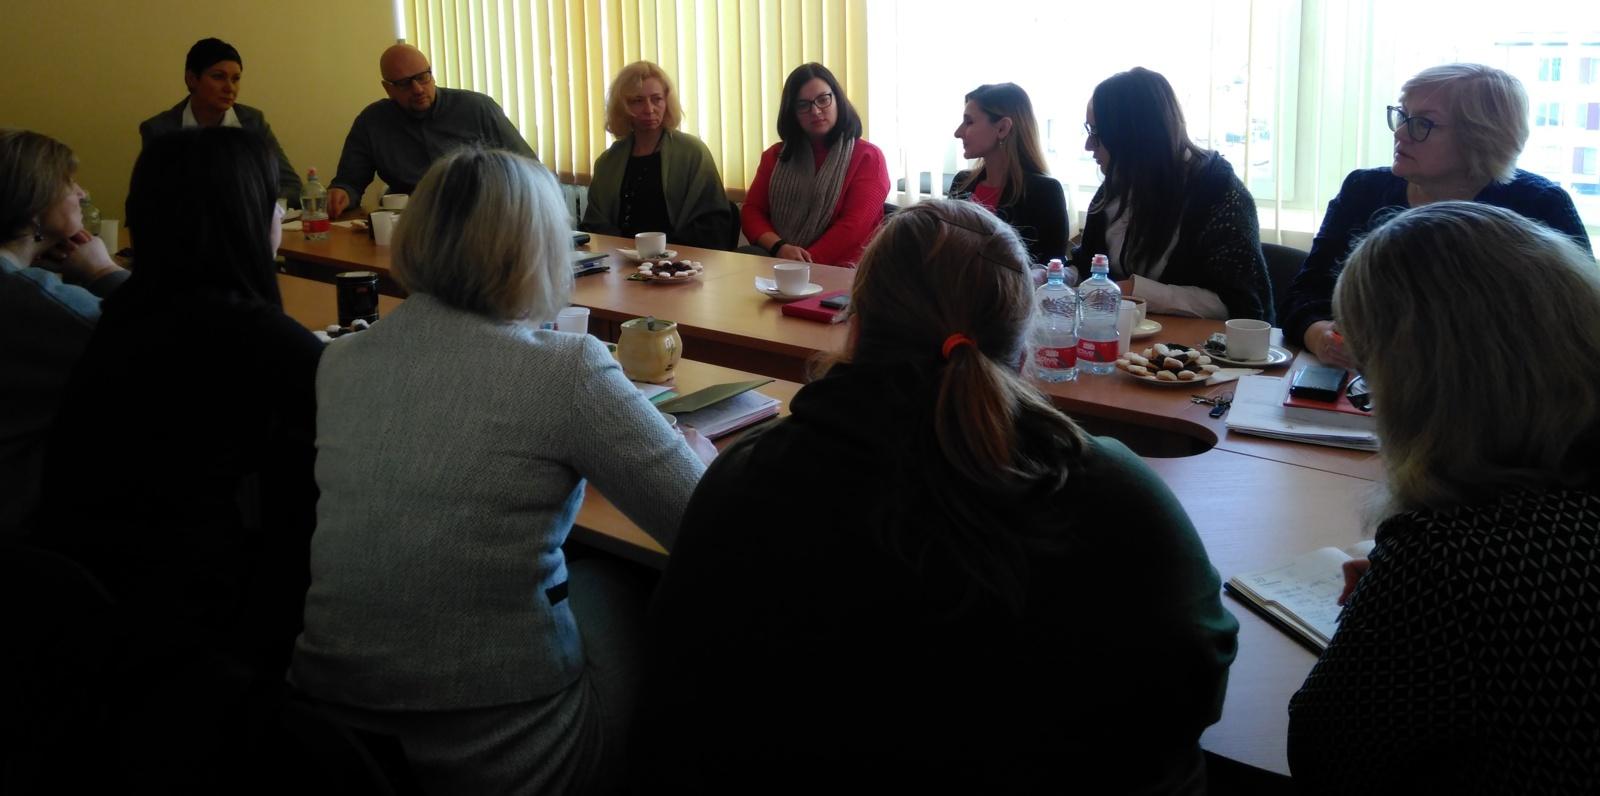 Šalčininkų rajone aptarta galimybė teikti paslaugas ne tik kalbantiems lietuviškai, bet ir rusiškai, lenkiškai